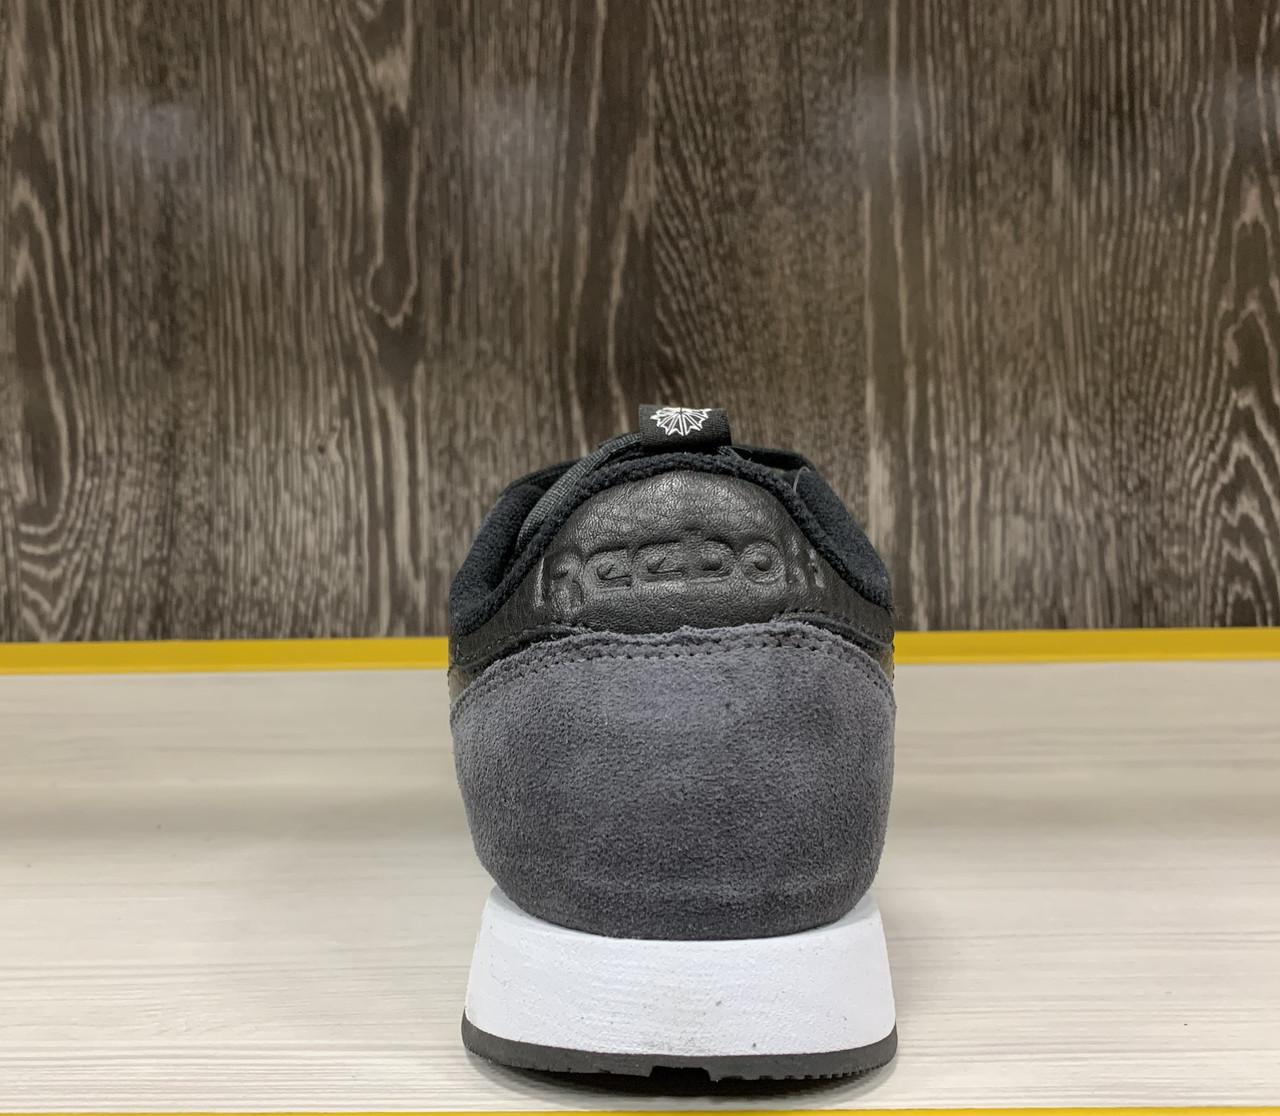 Кроссовки Reebok Classic Leather - фото 3